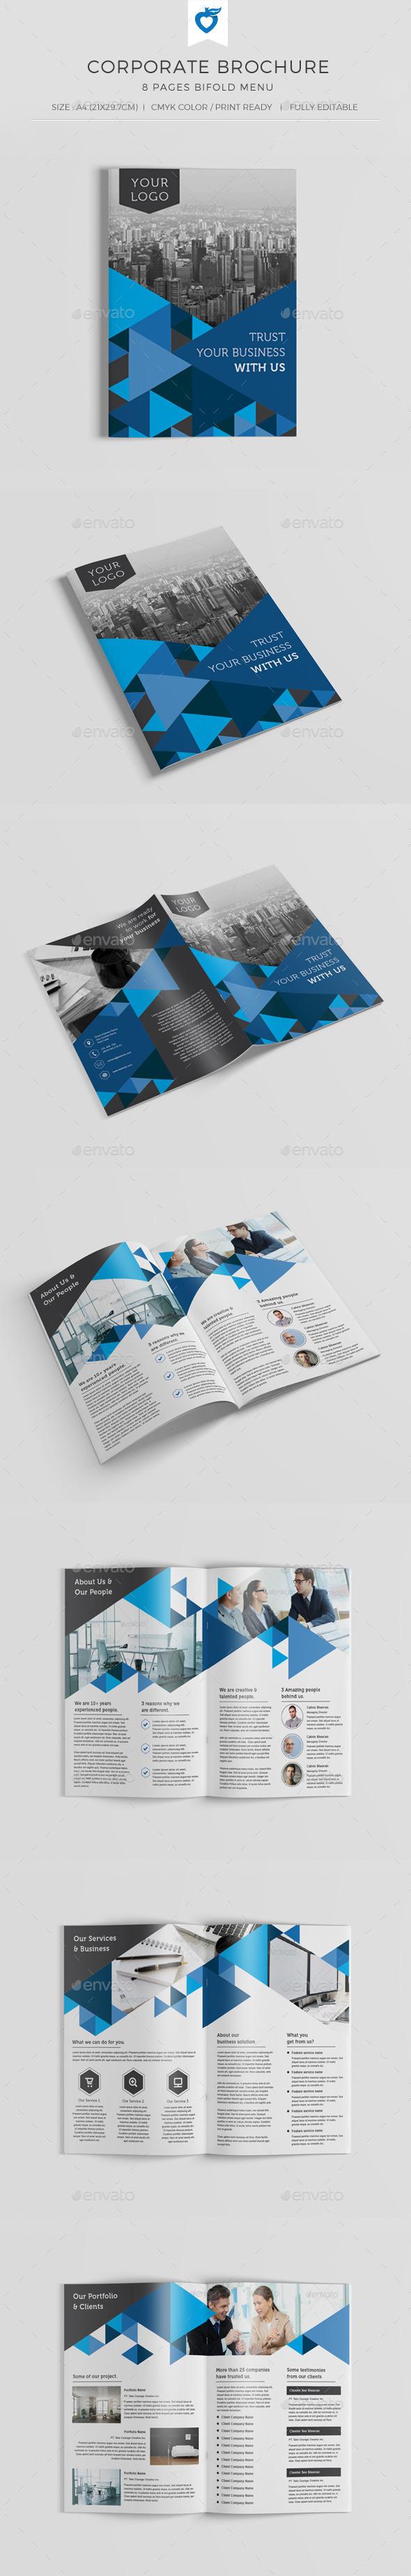 GraphicRiver Corporate Brochure 10714106